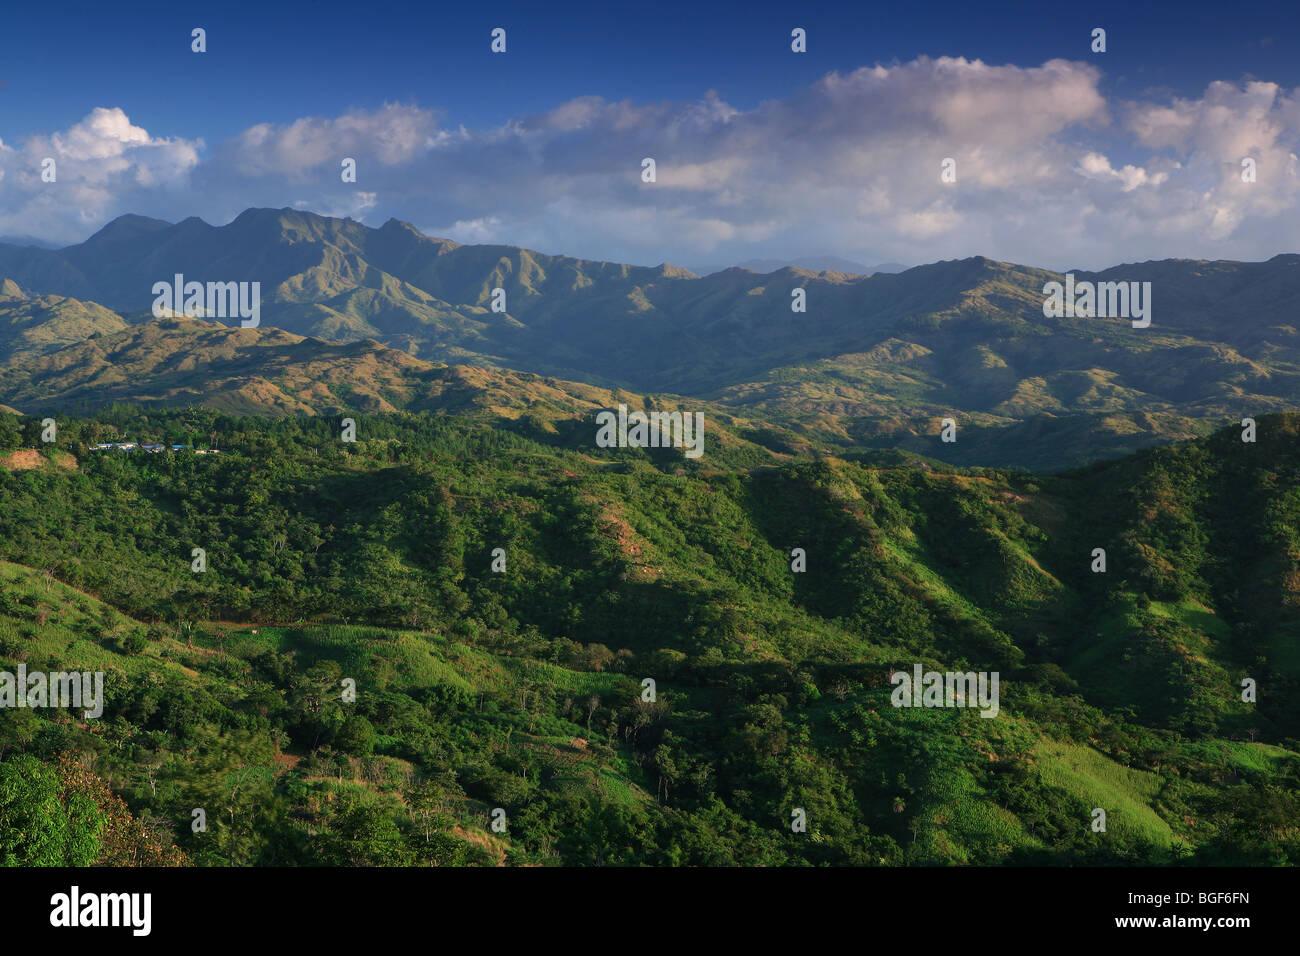 Les belles montagnes de la province de Cocle, Cordillère Centrale, République du Panama. Photo Stock